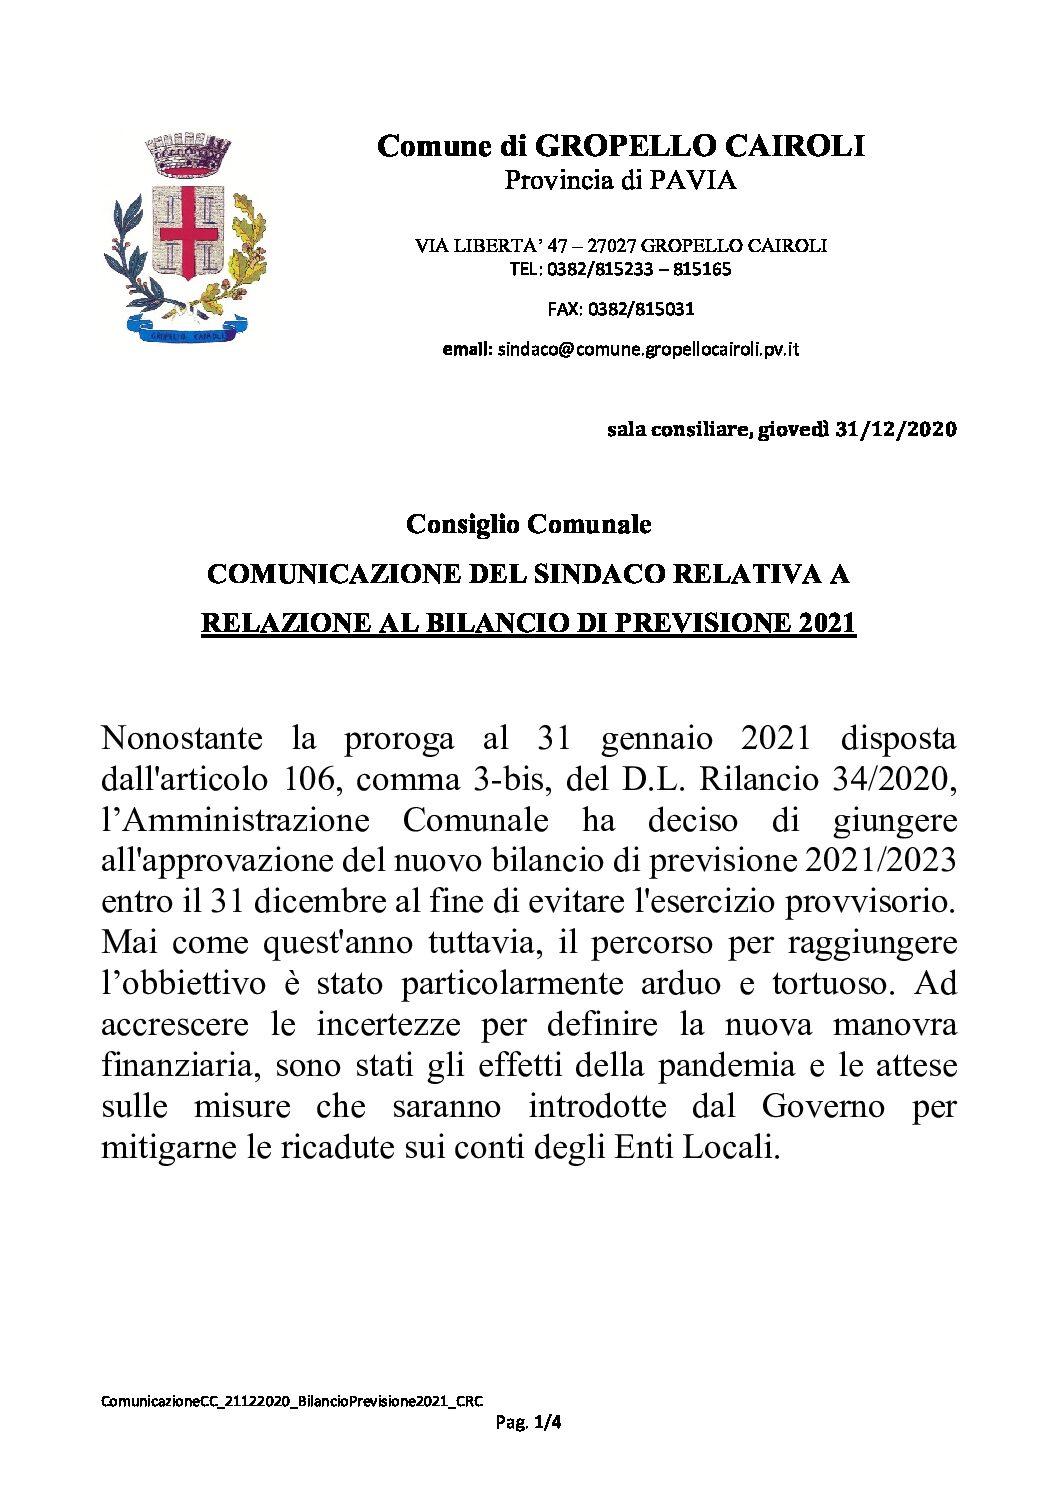 CONSIGLIO COMUNALE: COMUNICAZIONE DEL SINDACO RELATIVA A RELAZIONE AL BILANCIO DI PREVISIONE 2021